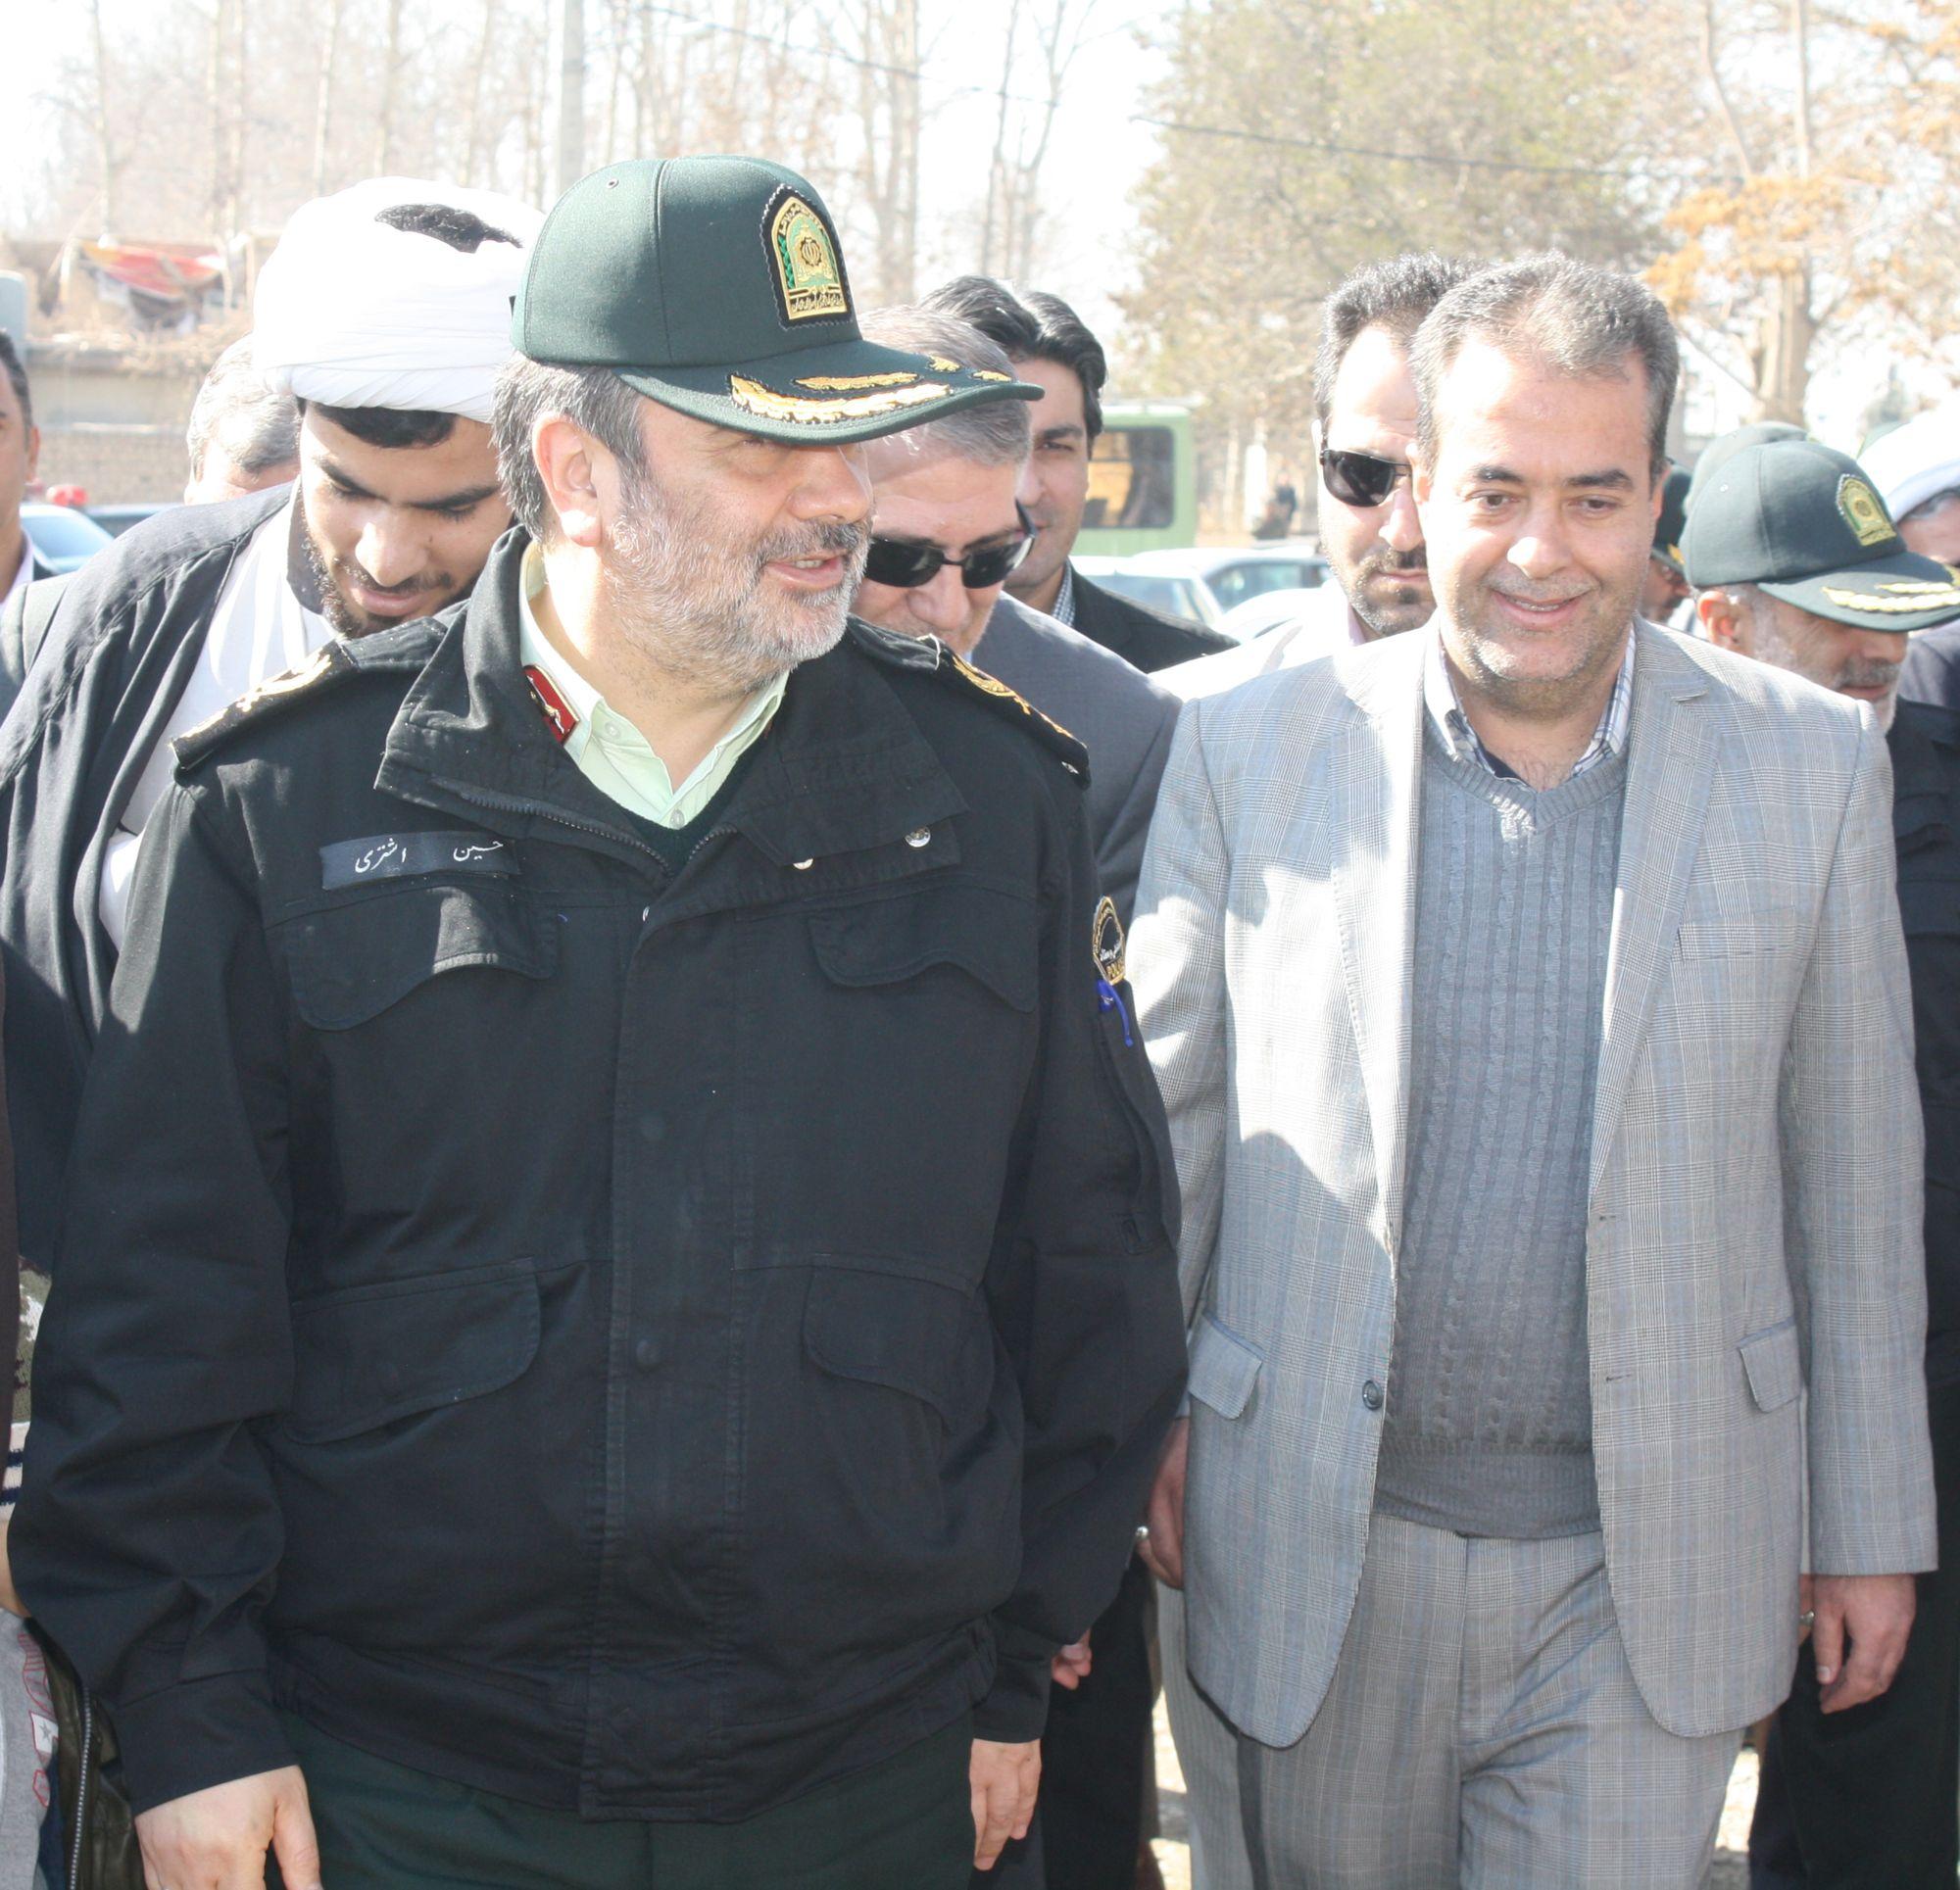 ۱۶ ماه توجه ویژه شهردار ورامین به حاشیه نشینان و مناطق محروم